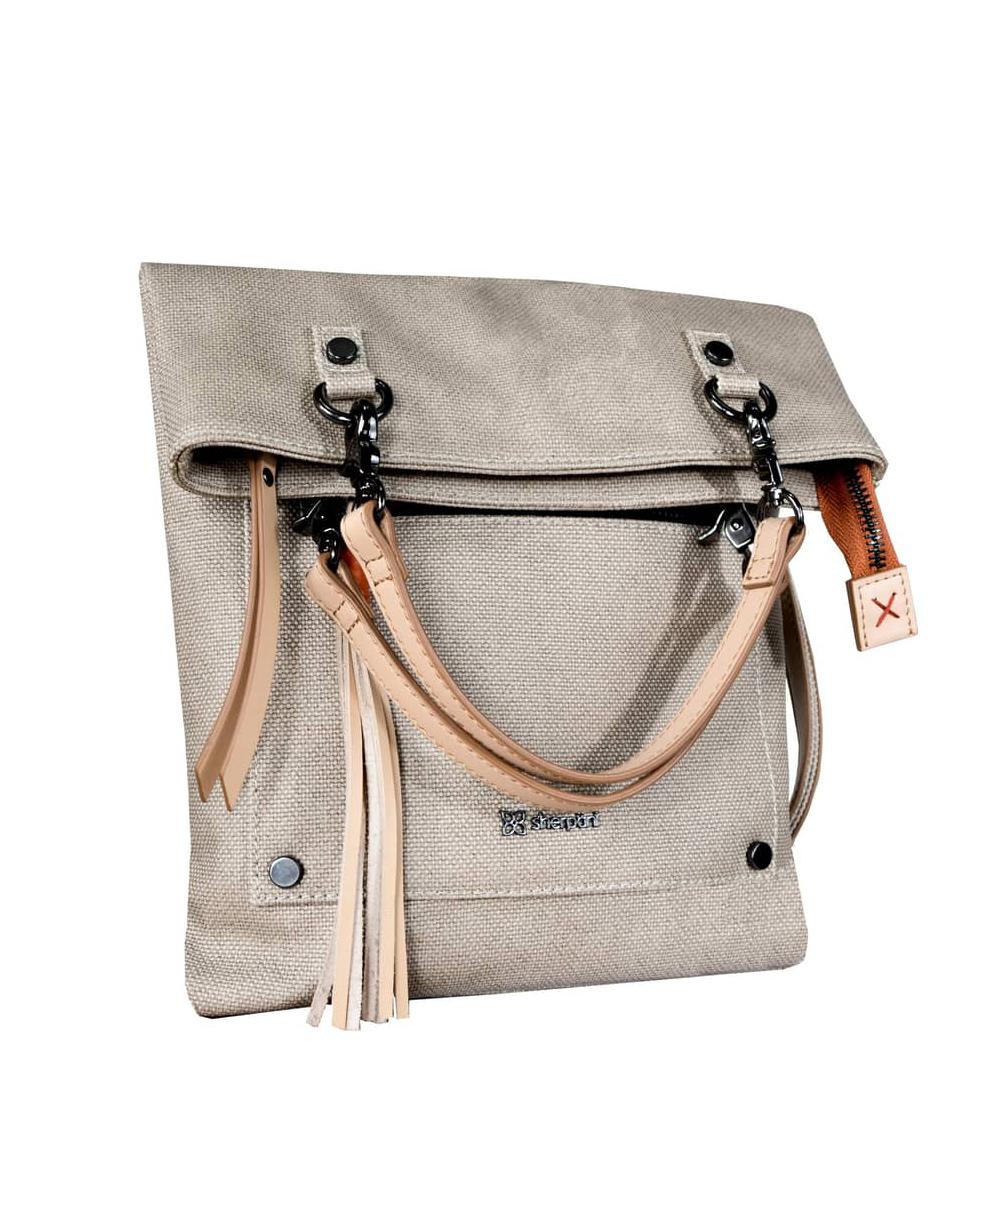 Sherpani Canvas Bag     $94.95